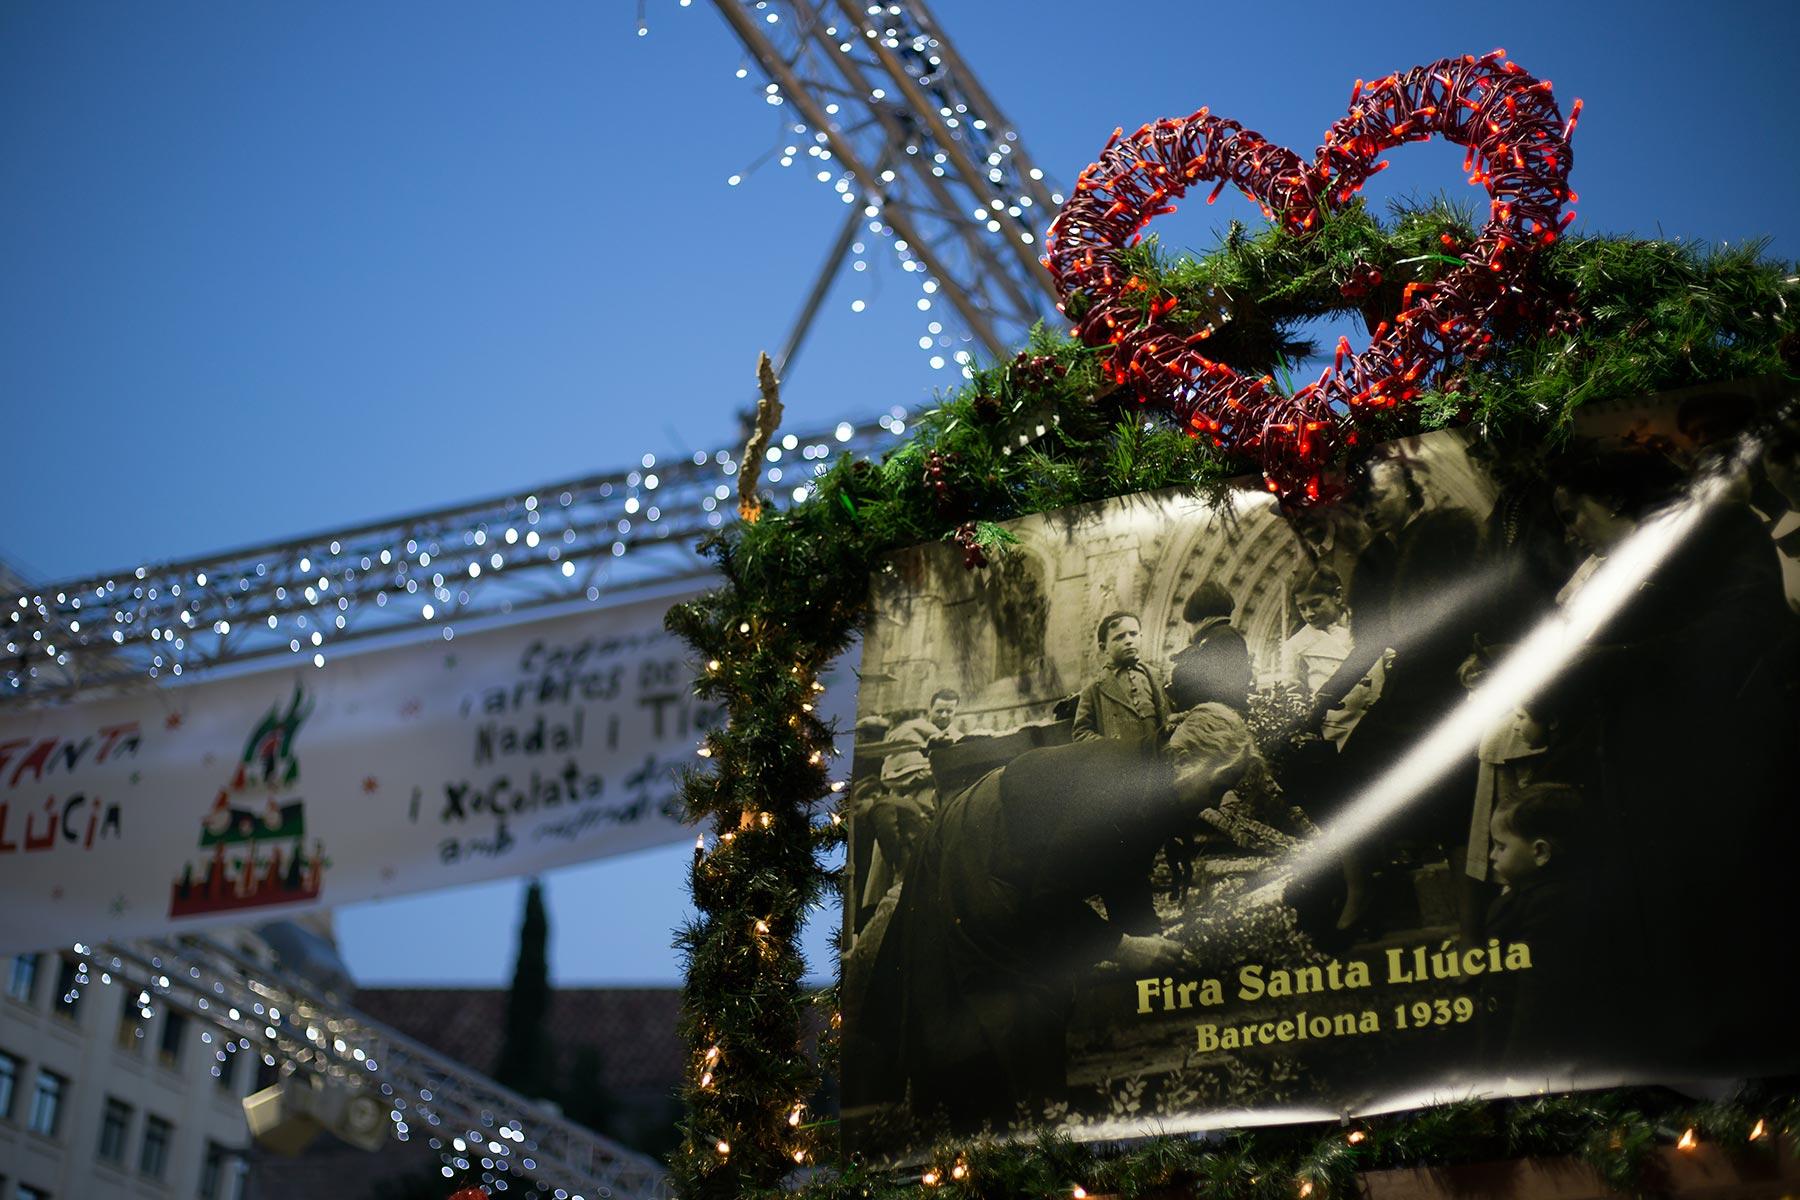 Santa Llúcian joulumarkkinoilla on pitkä perinne. © tripsteri.fi / Tuulia Kolehmainen